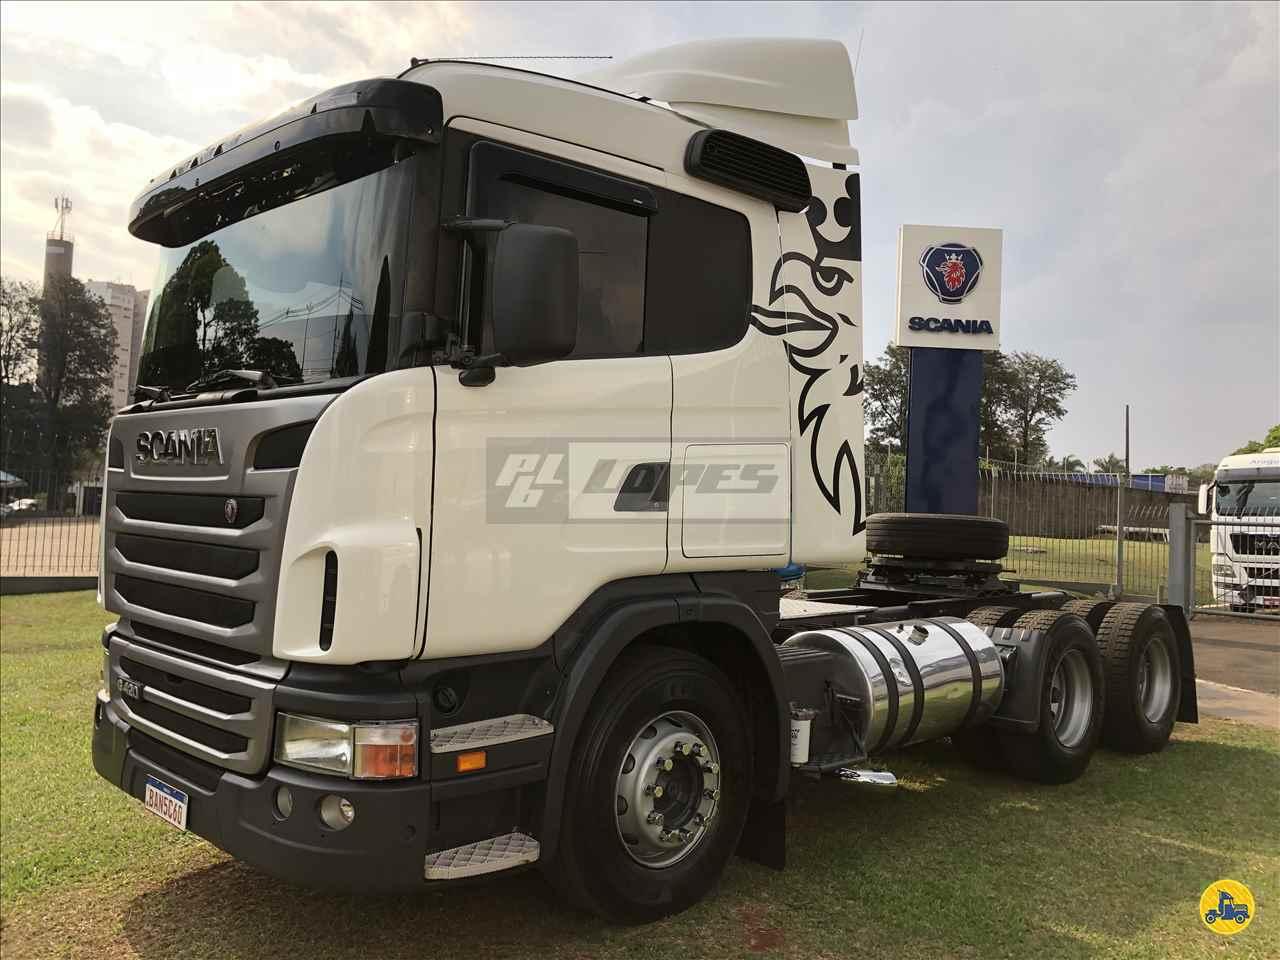 SCANIA 420 de P.B. Lopes - Scania - MARINGA/PR